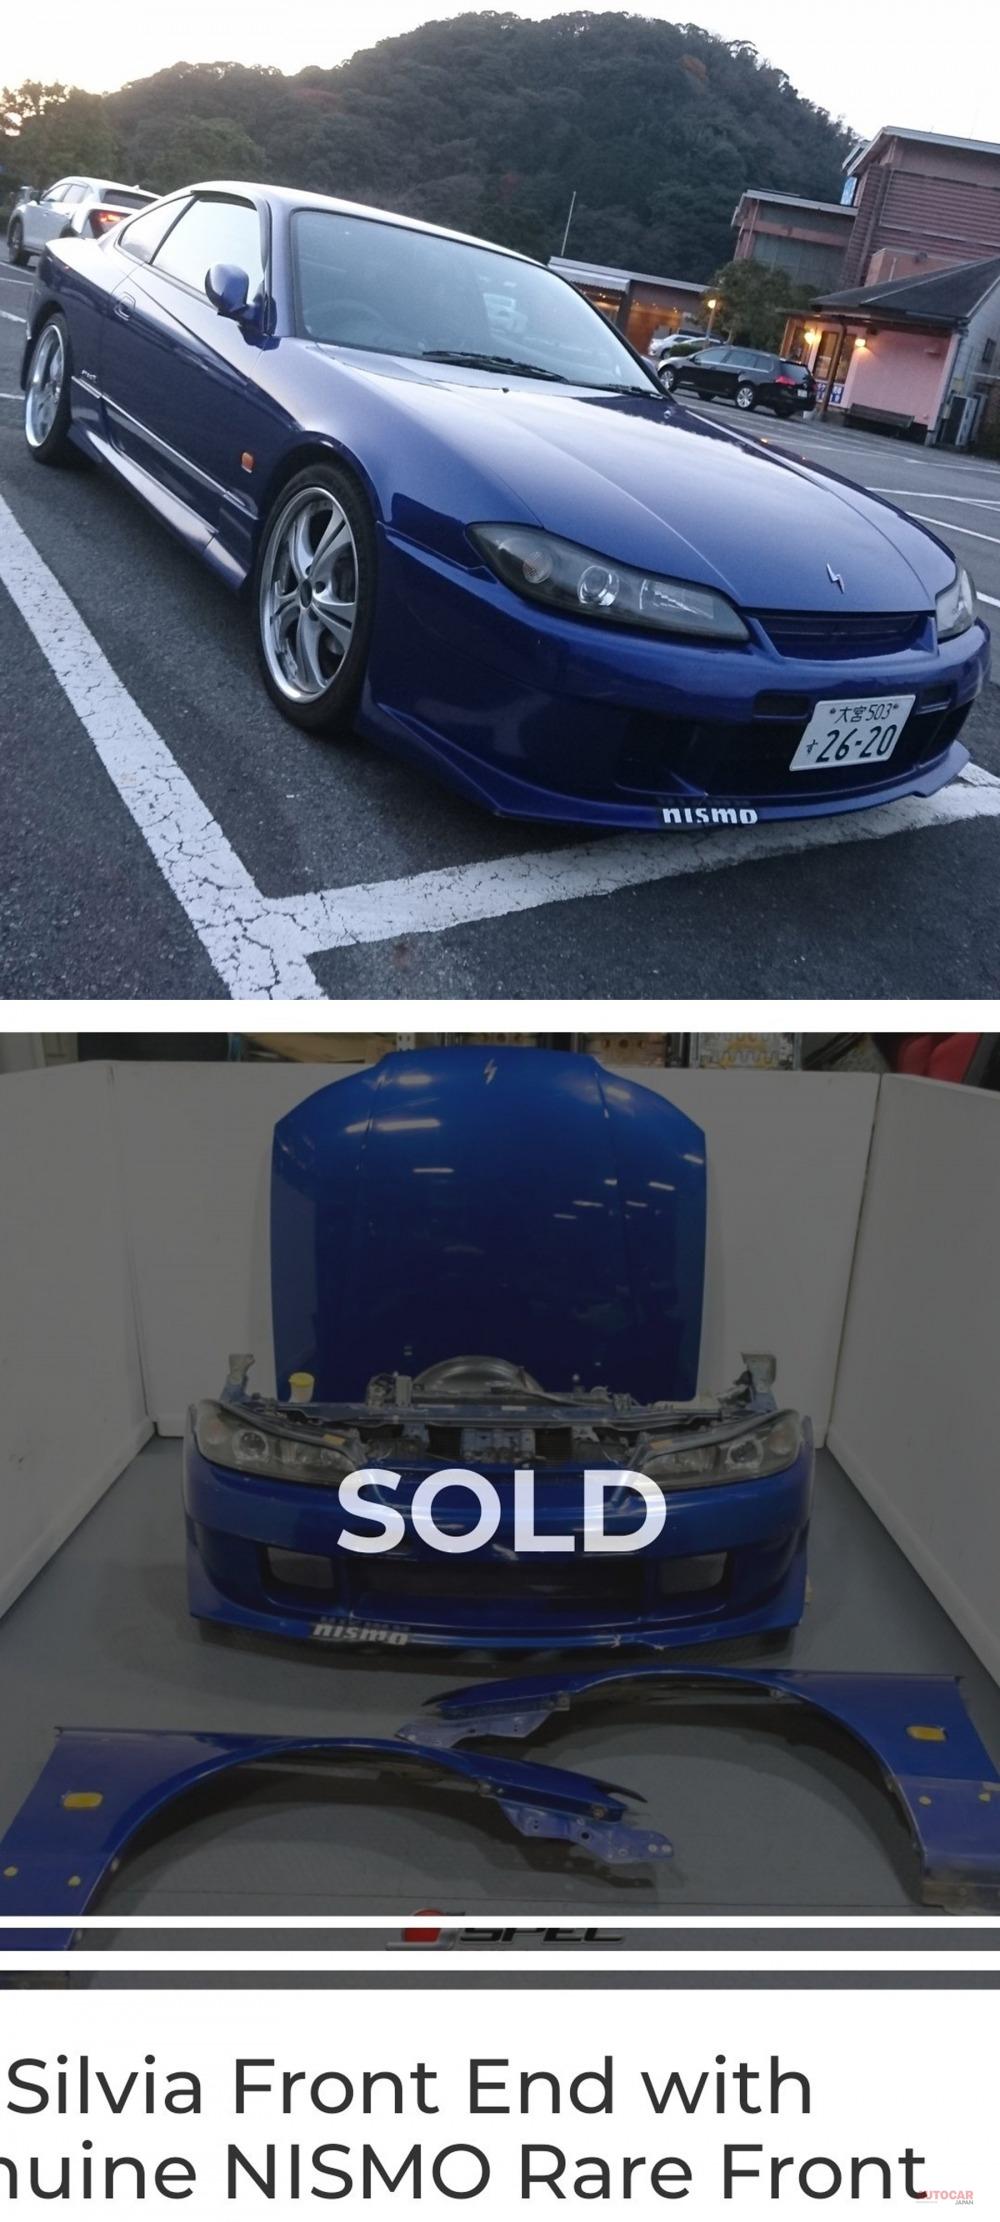 【クルマ盗難で大炎上】日本で盗まれた車体やパーツ、バラバラの状態に アメリカの日本車専門店で続々発見 防止策は